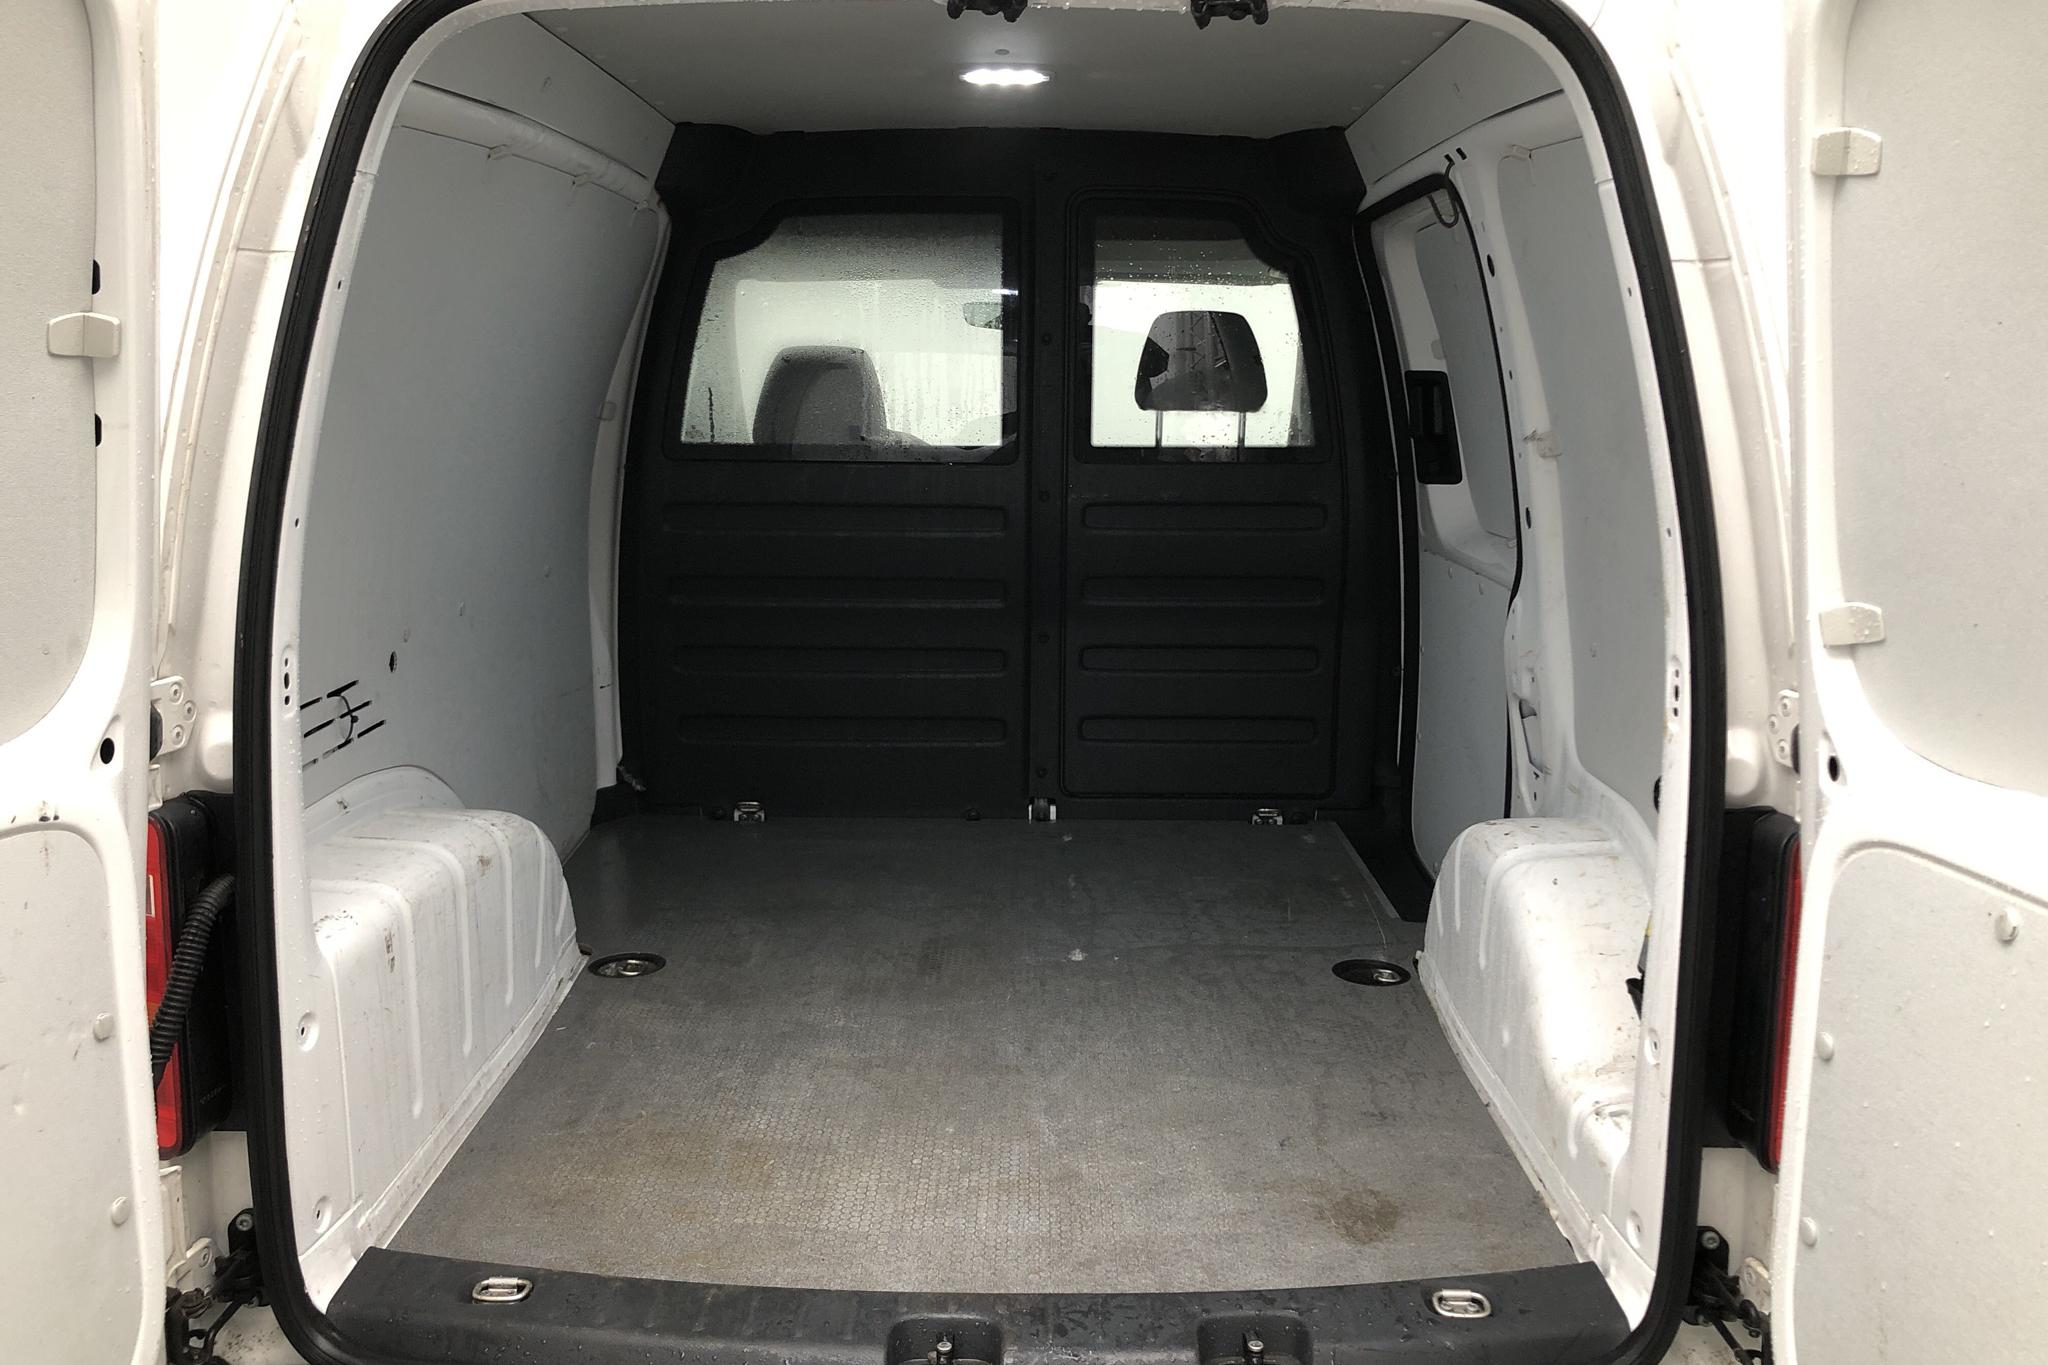 VW Caddy 2.0 TDI Skåp (75hk) - 2 197 mil - Manuell - vit - 2020